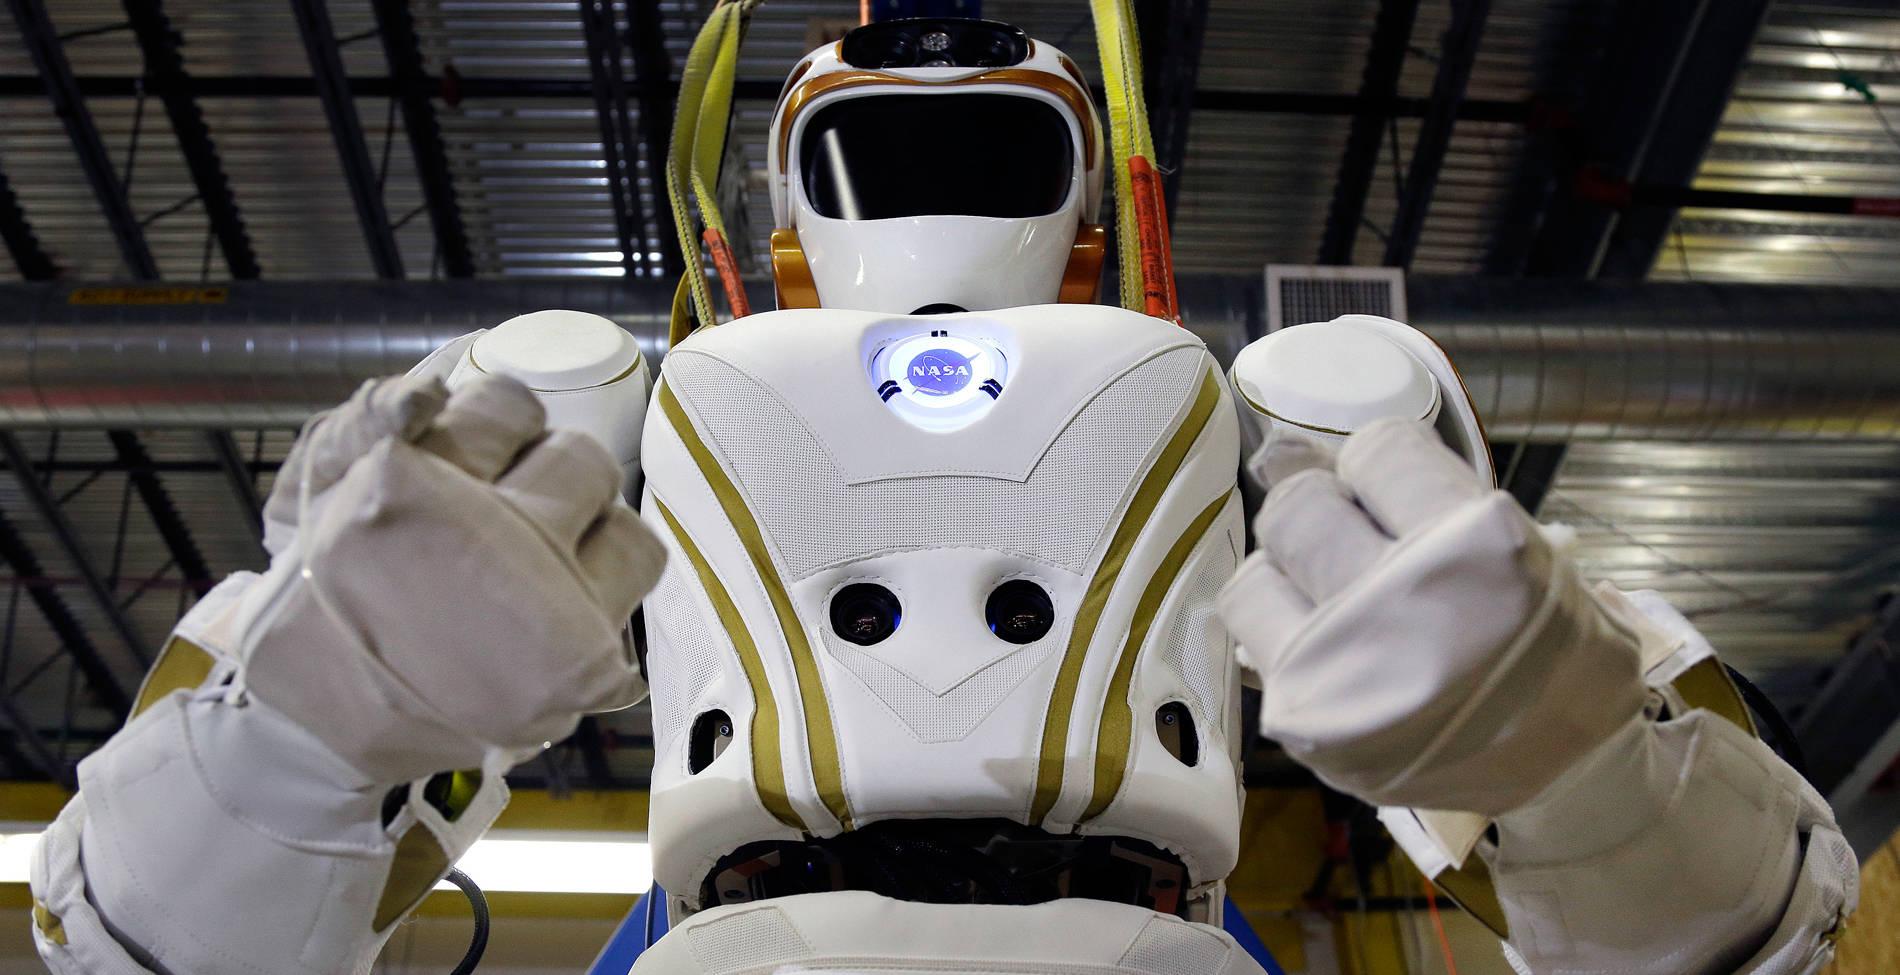 Τα ρομπότ θα μας πάρουν τις δουλειές και θα κατακτήσουν την ανθρωπότητα;